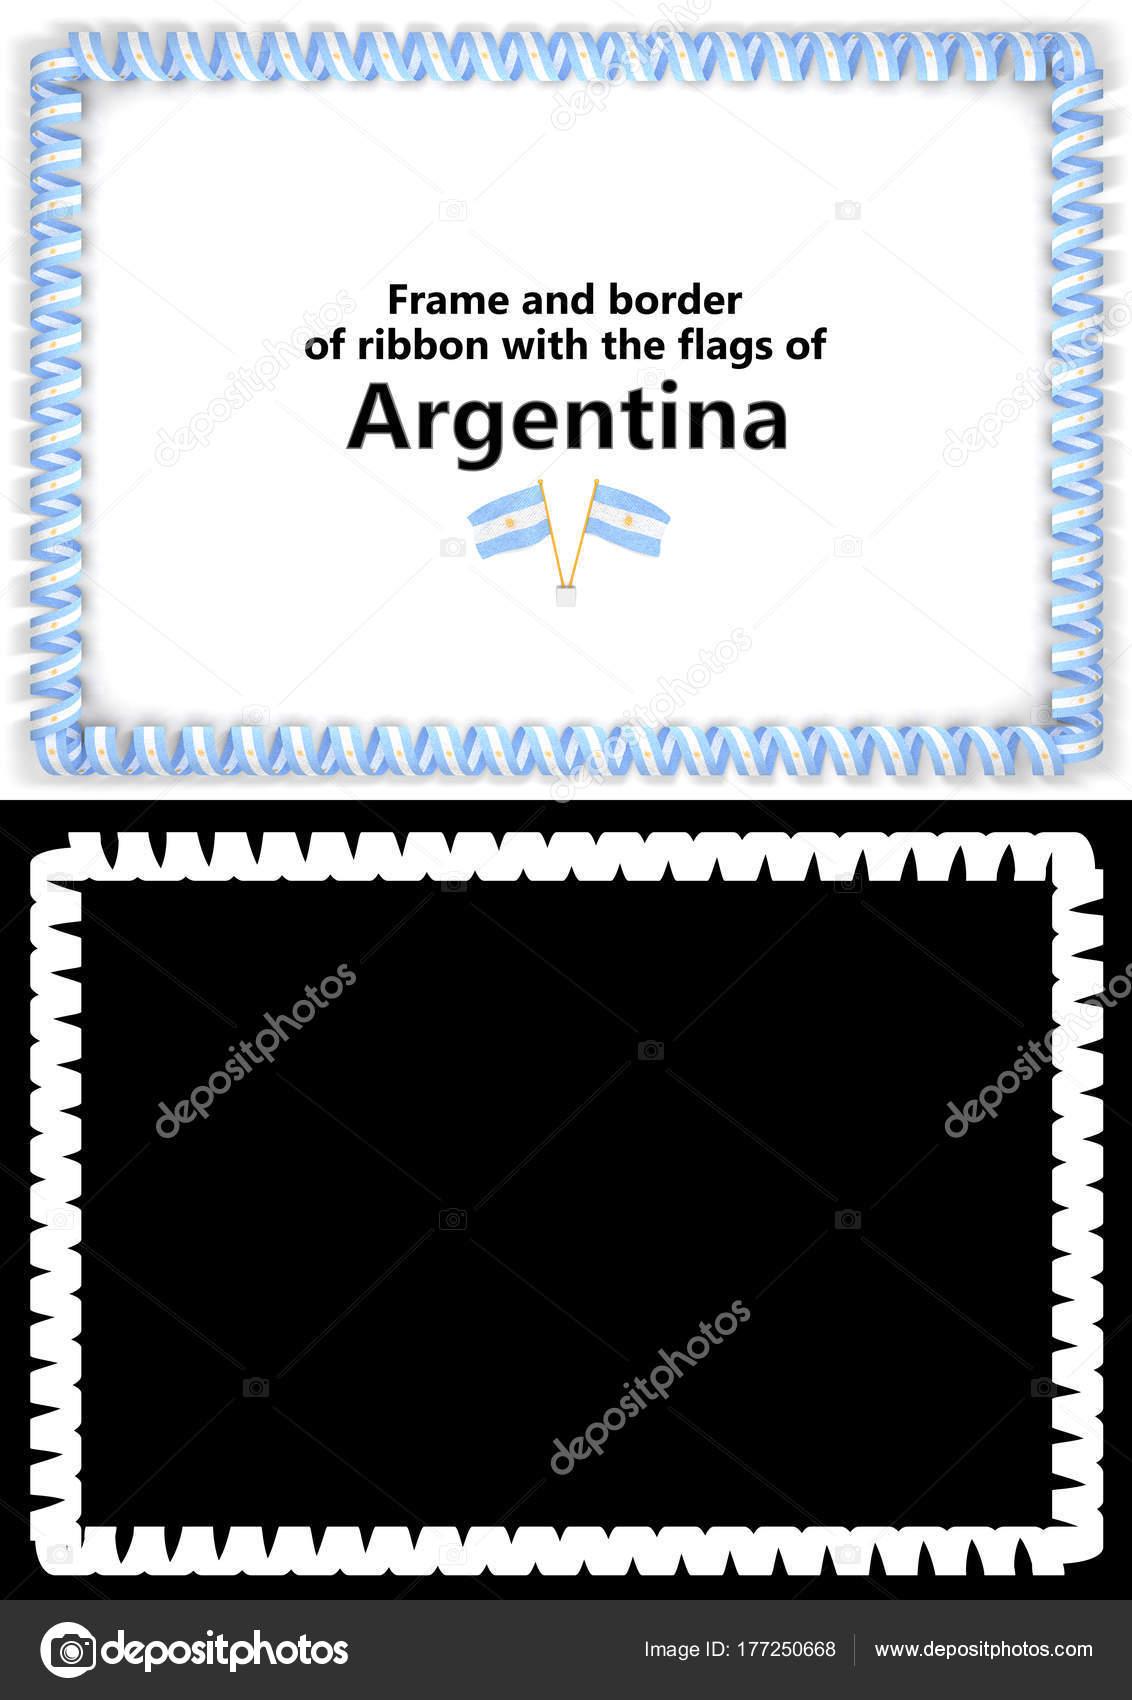 Rahmen und Rand des Bandes mit der Argentinien-Flagge für ...